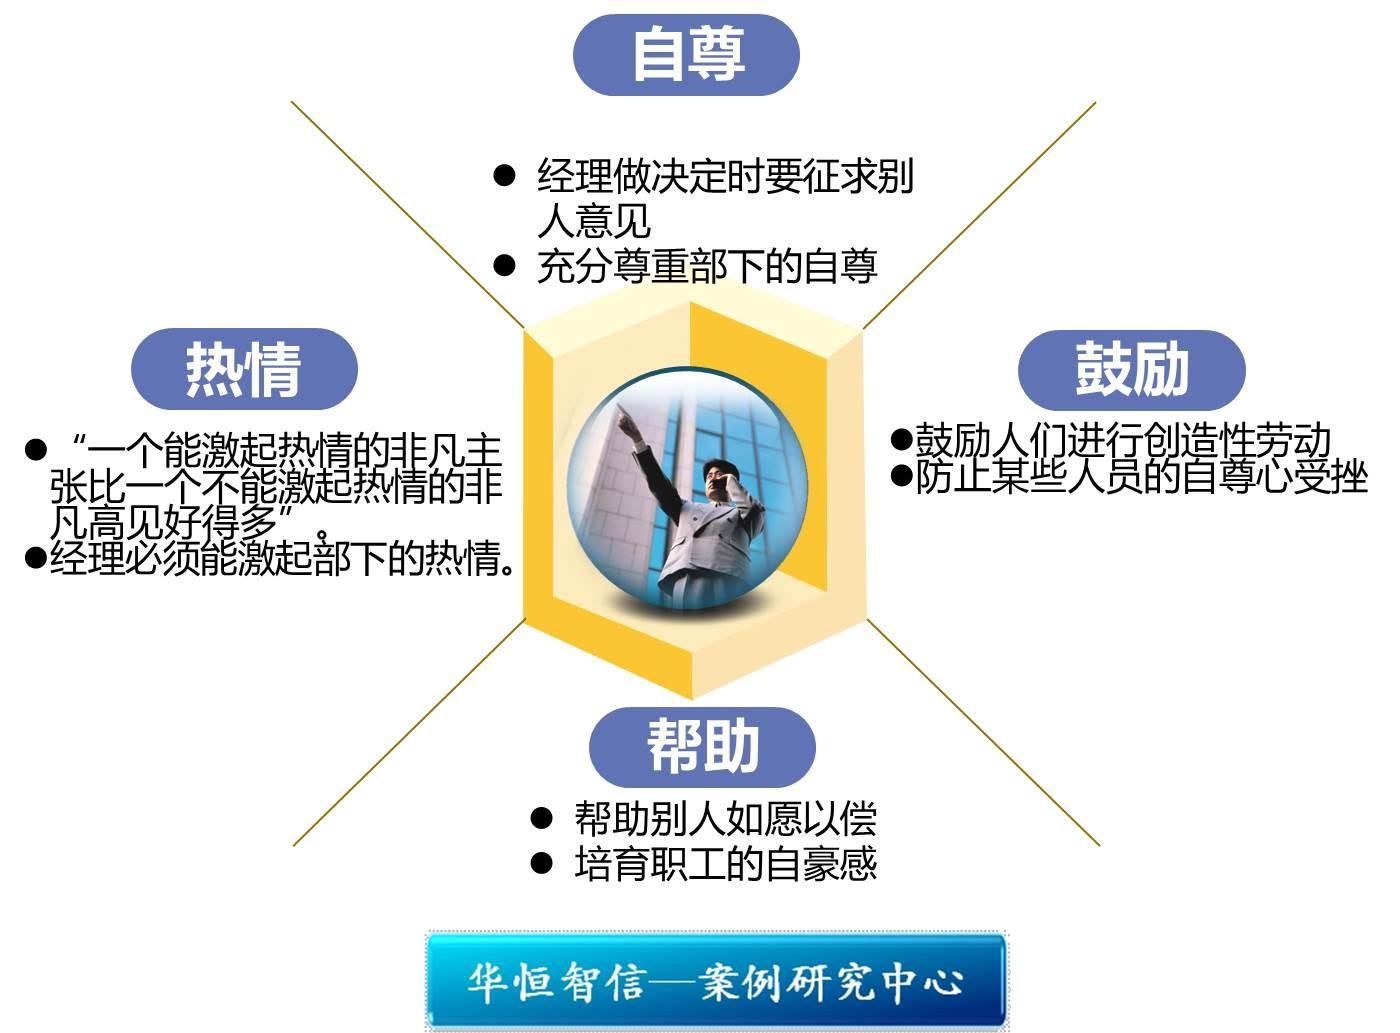 薪酬福利体系设计  【关键词】人事管理